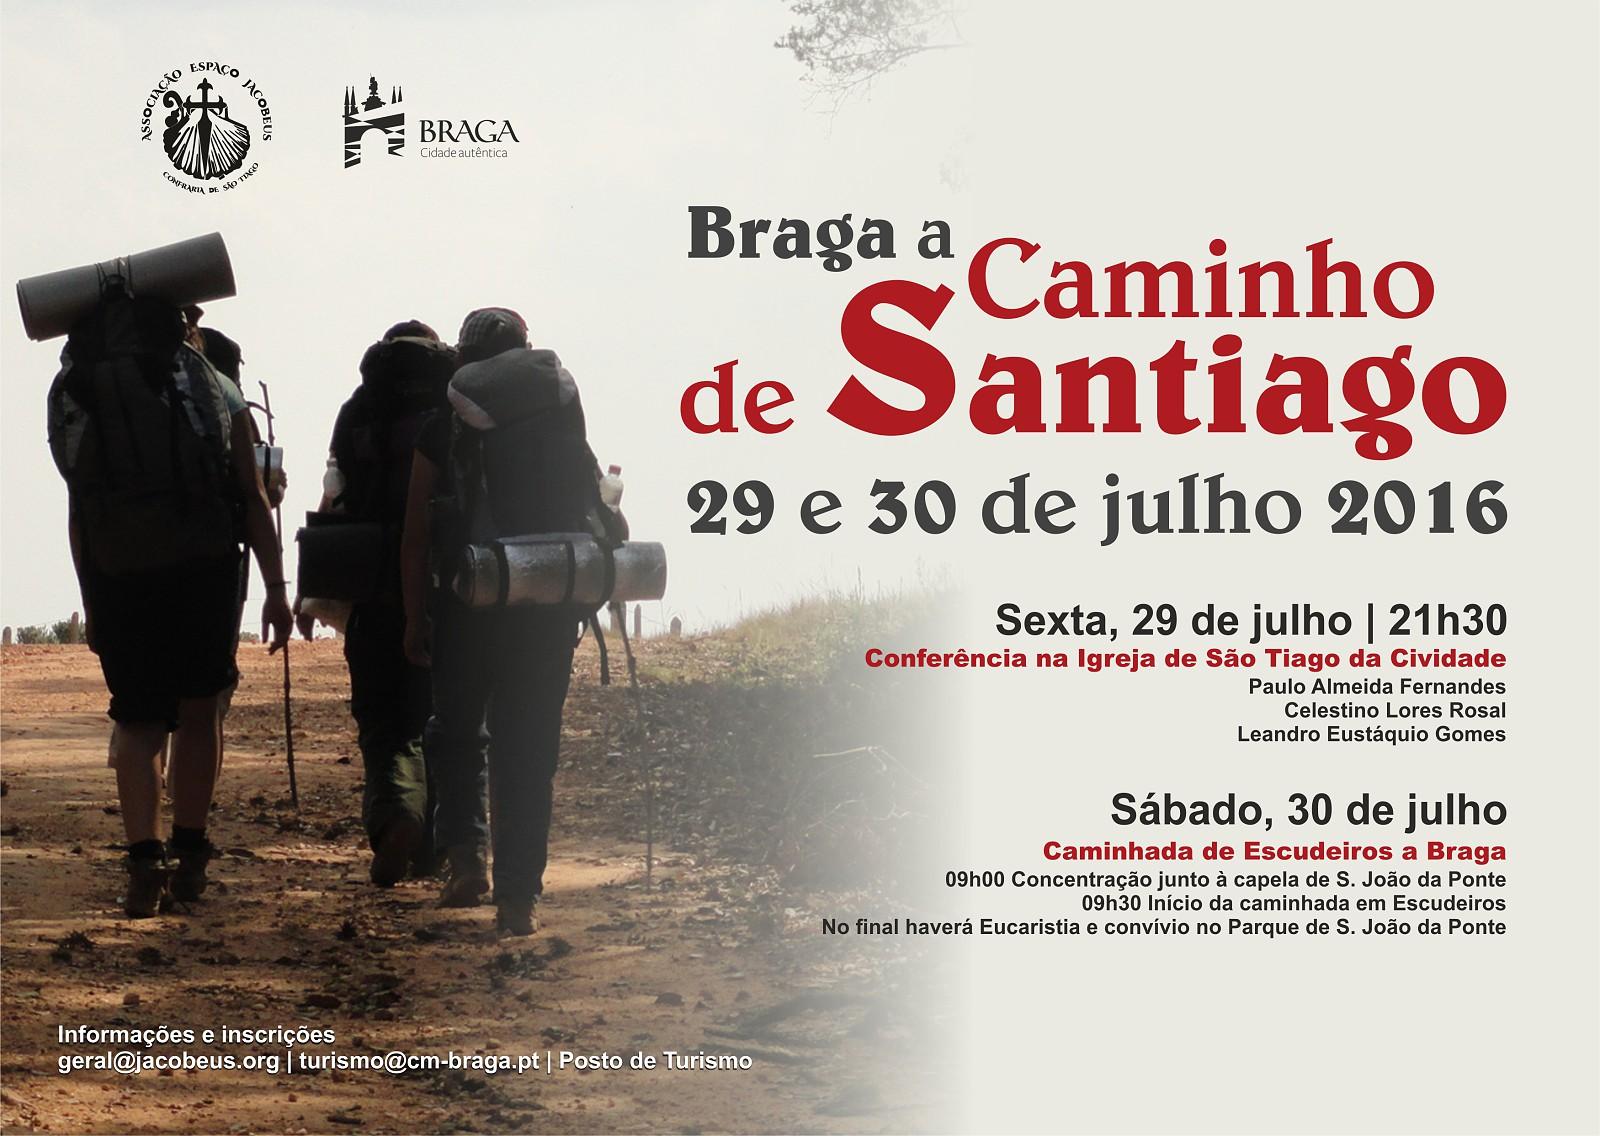 Braga_201607H.JPG